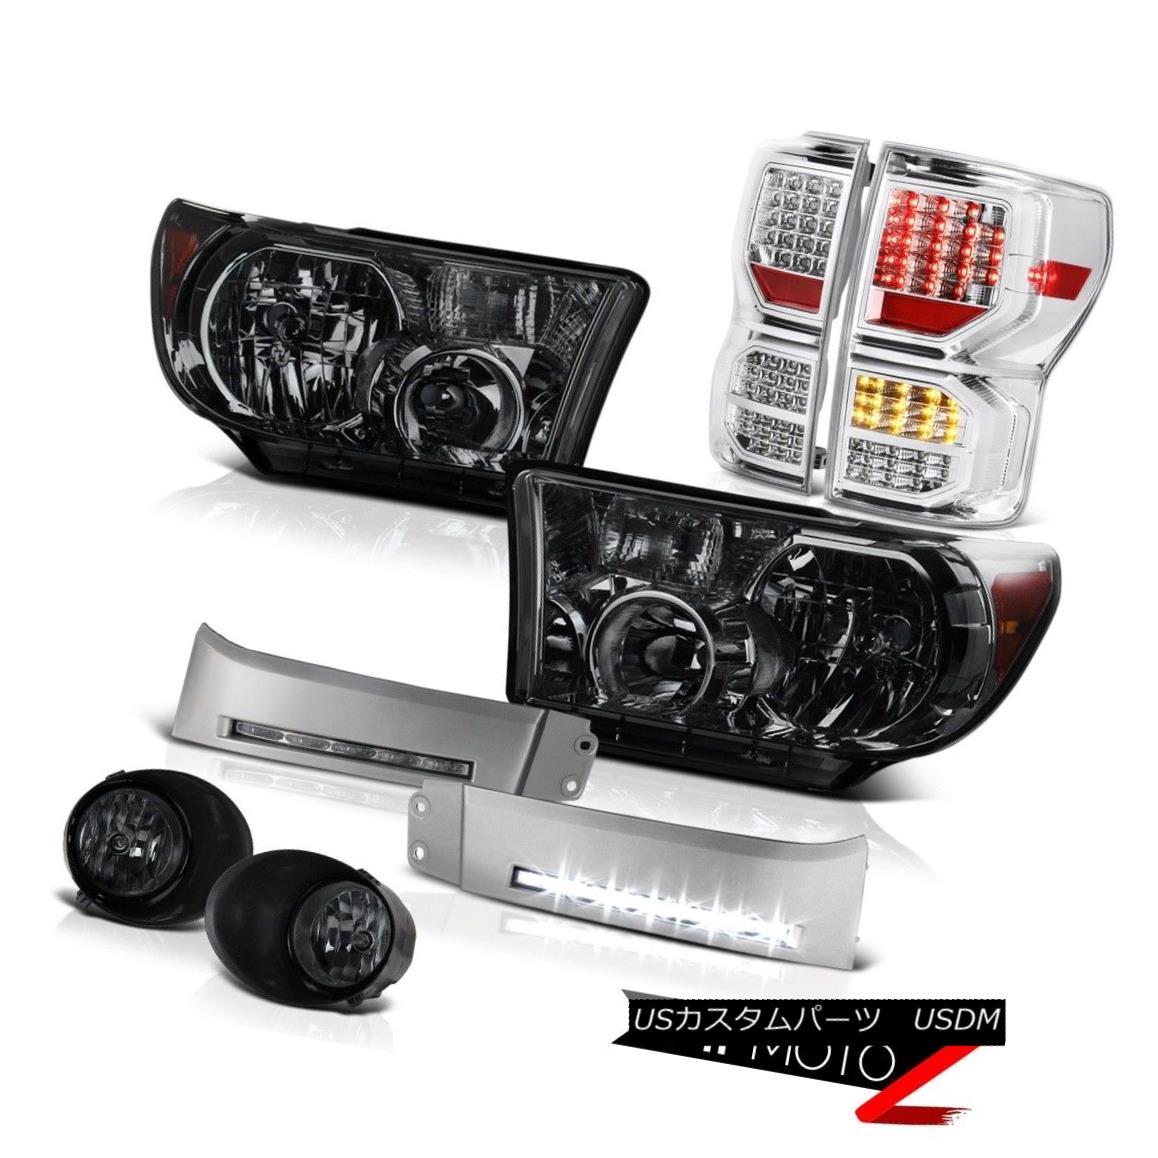 ヘッドライト 07-13 Toyota Tundra Limited Taillamps Headlamps DRL Strip Foglights